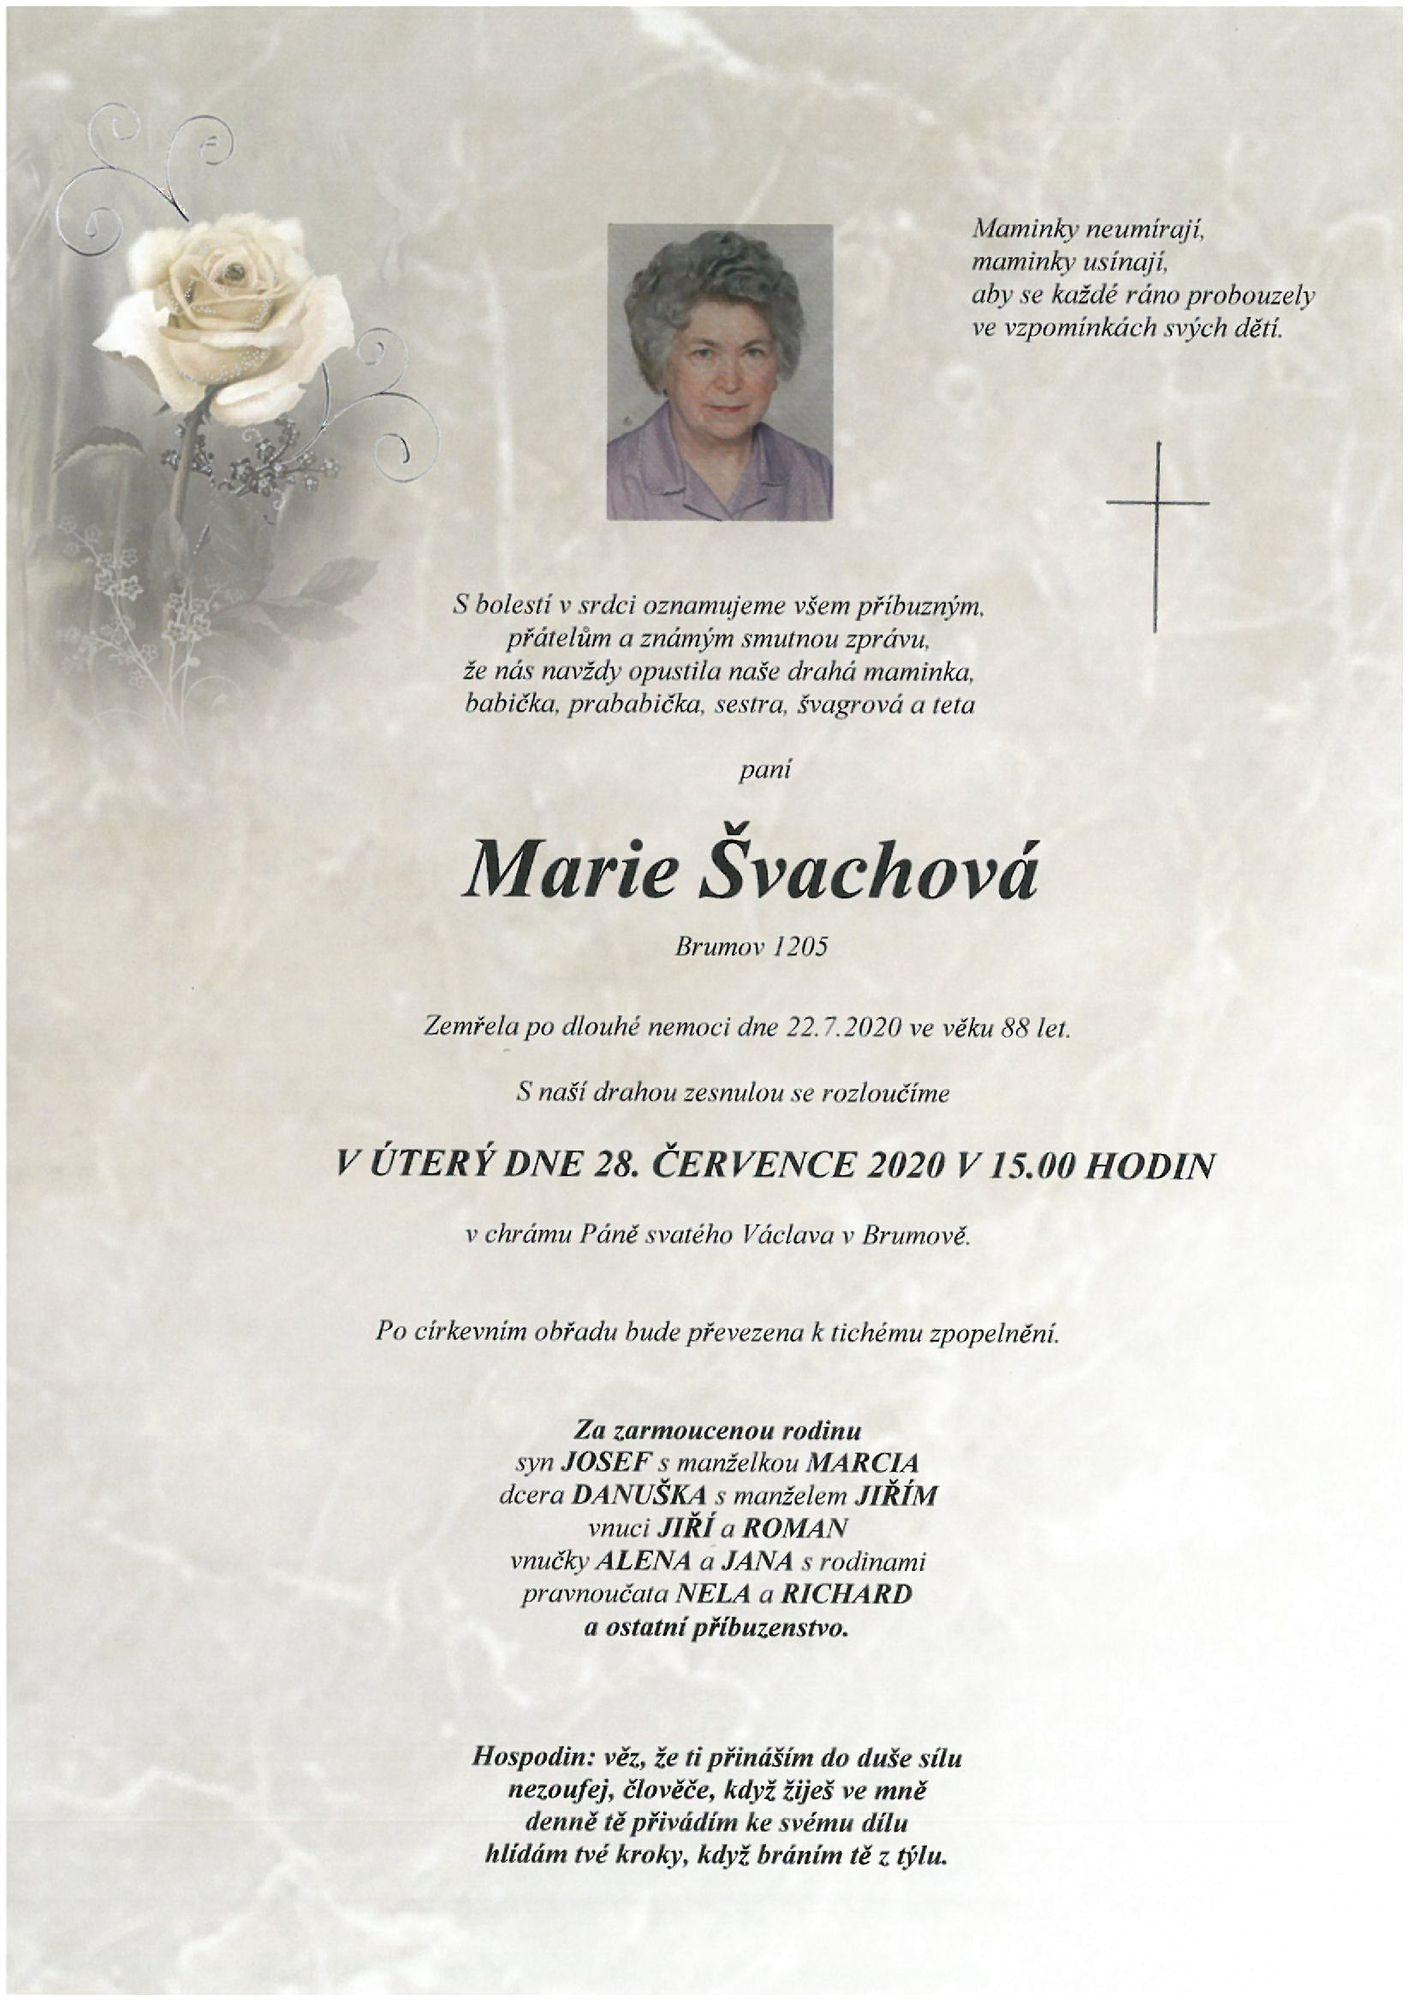 Marie Švachová